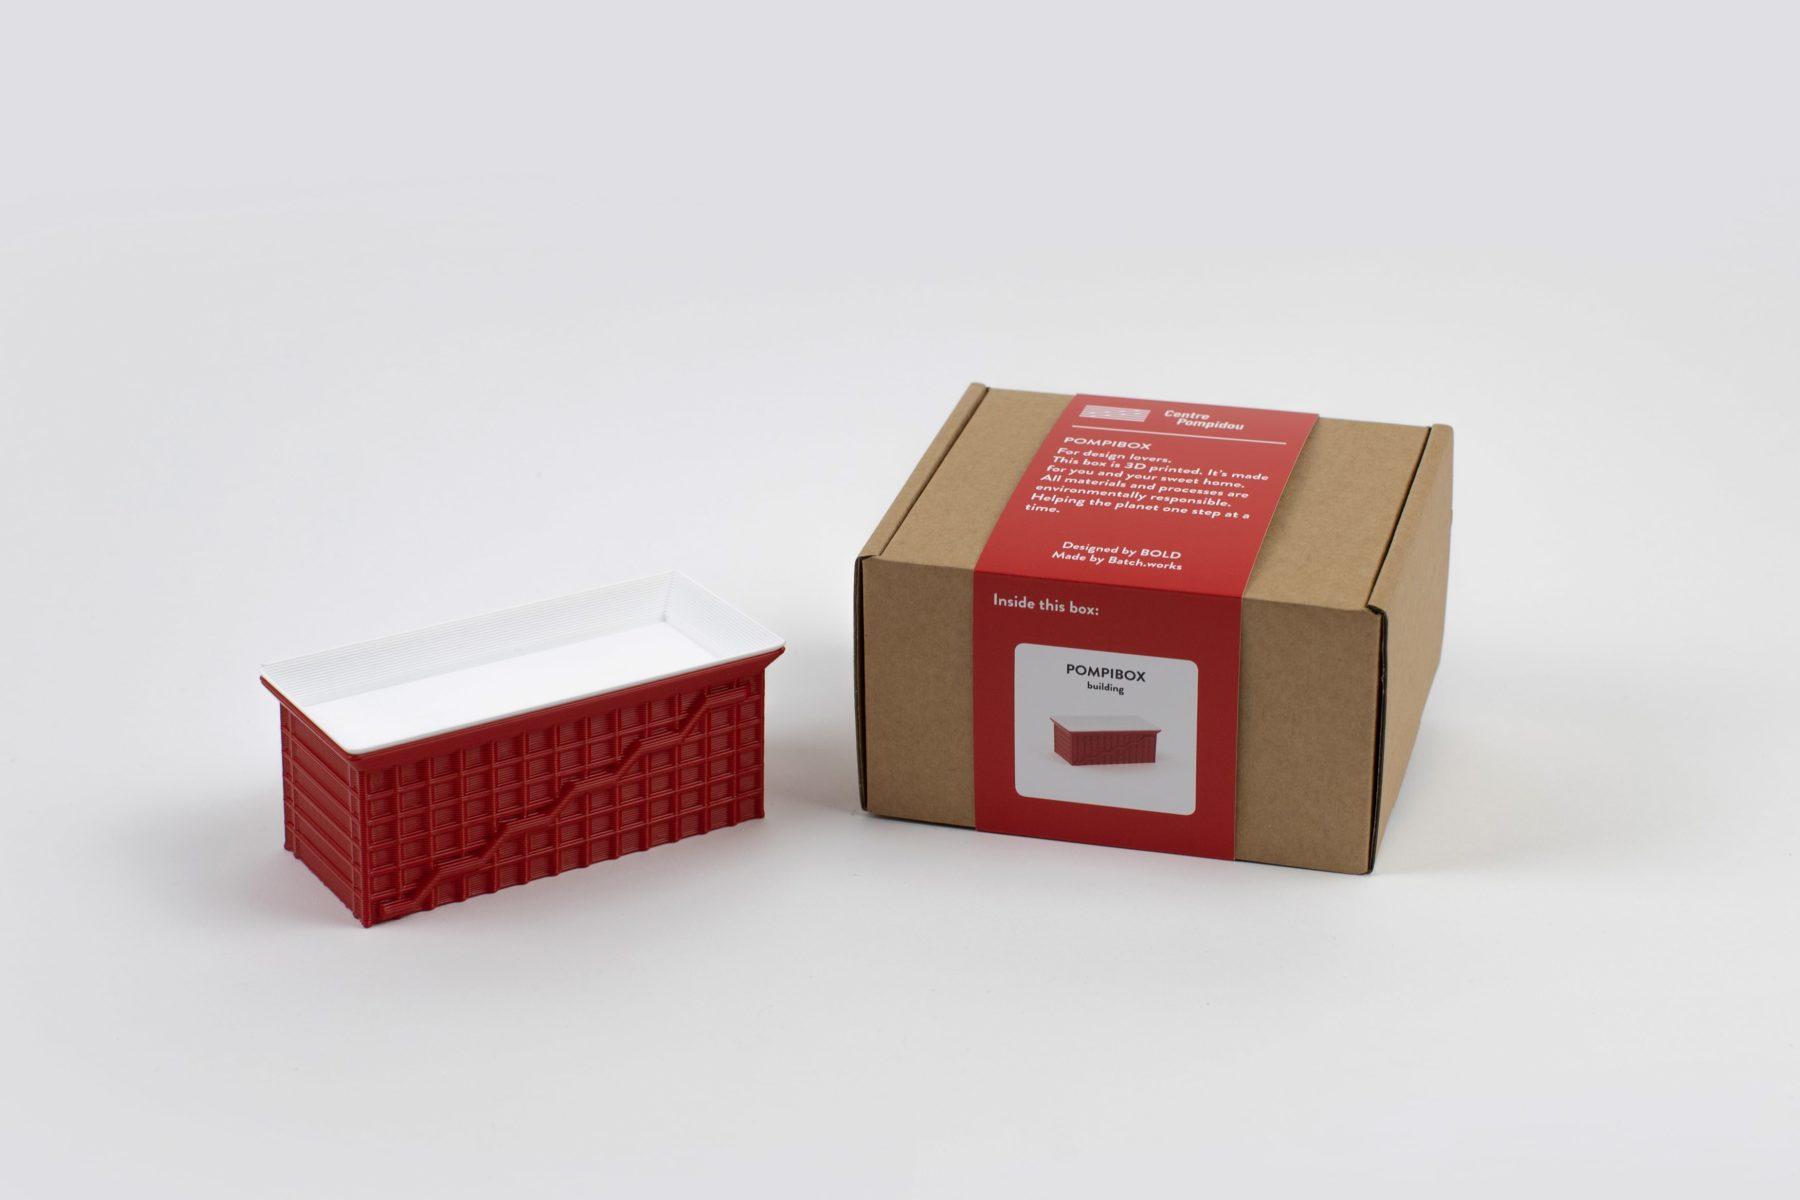 Pompibox par bold pour le Centre Pompidou